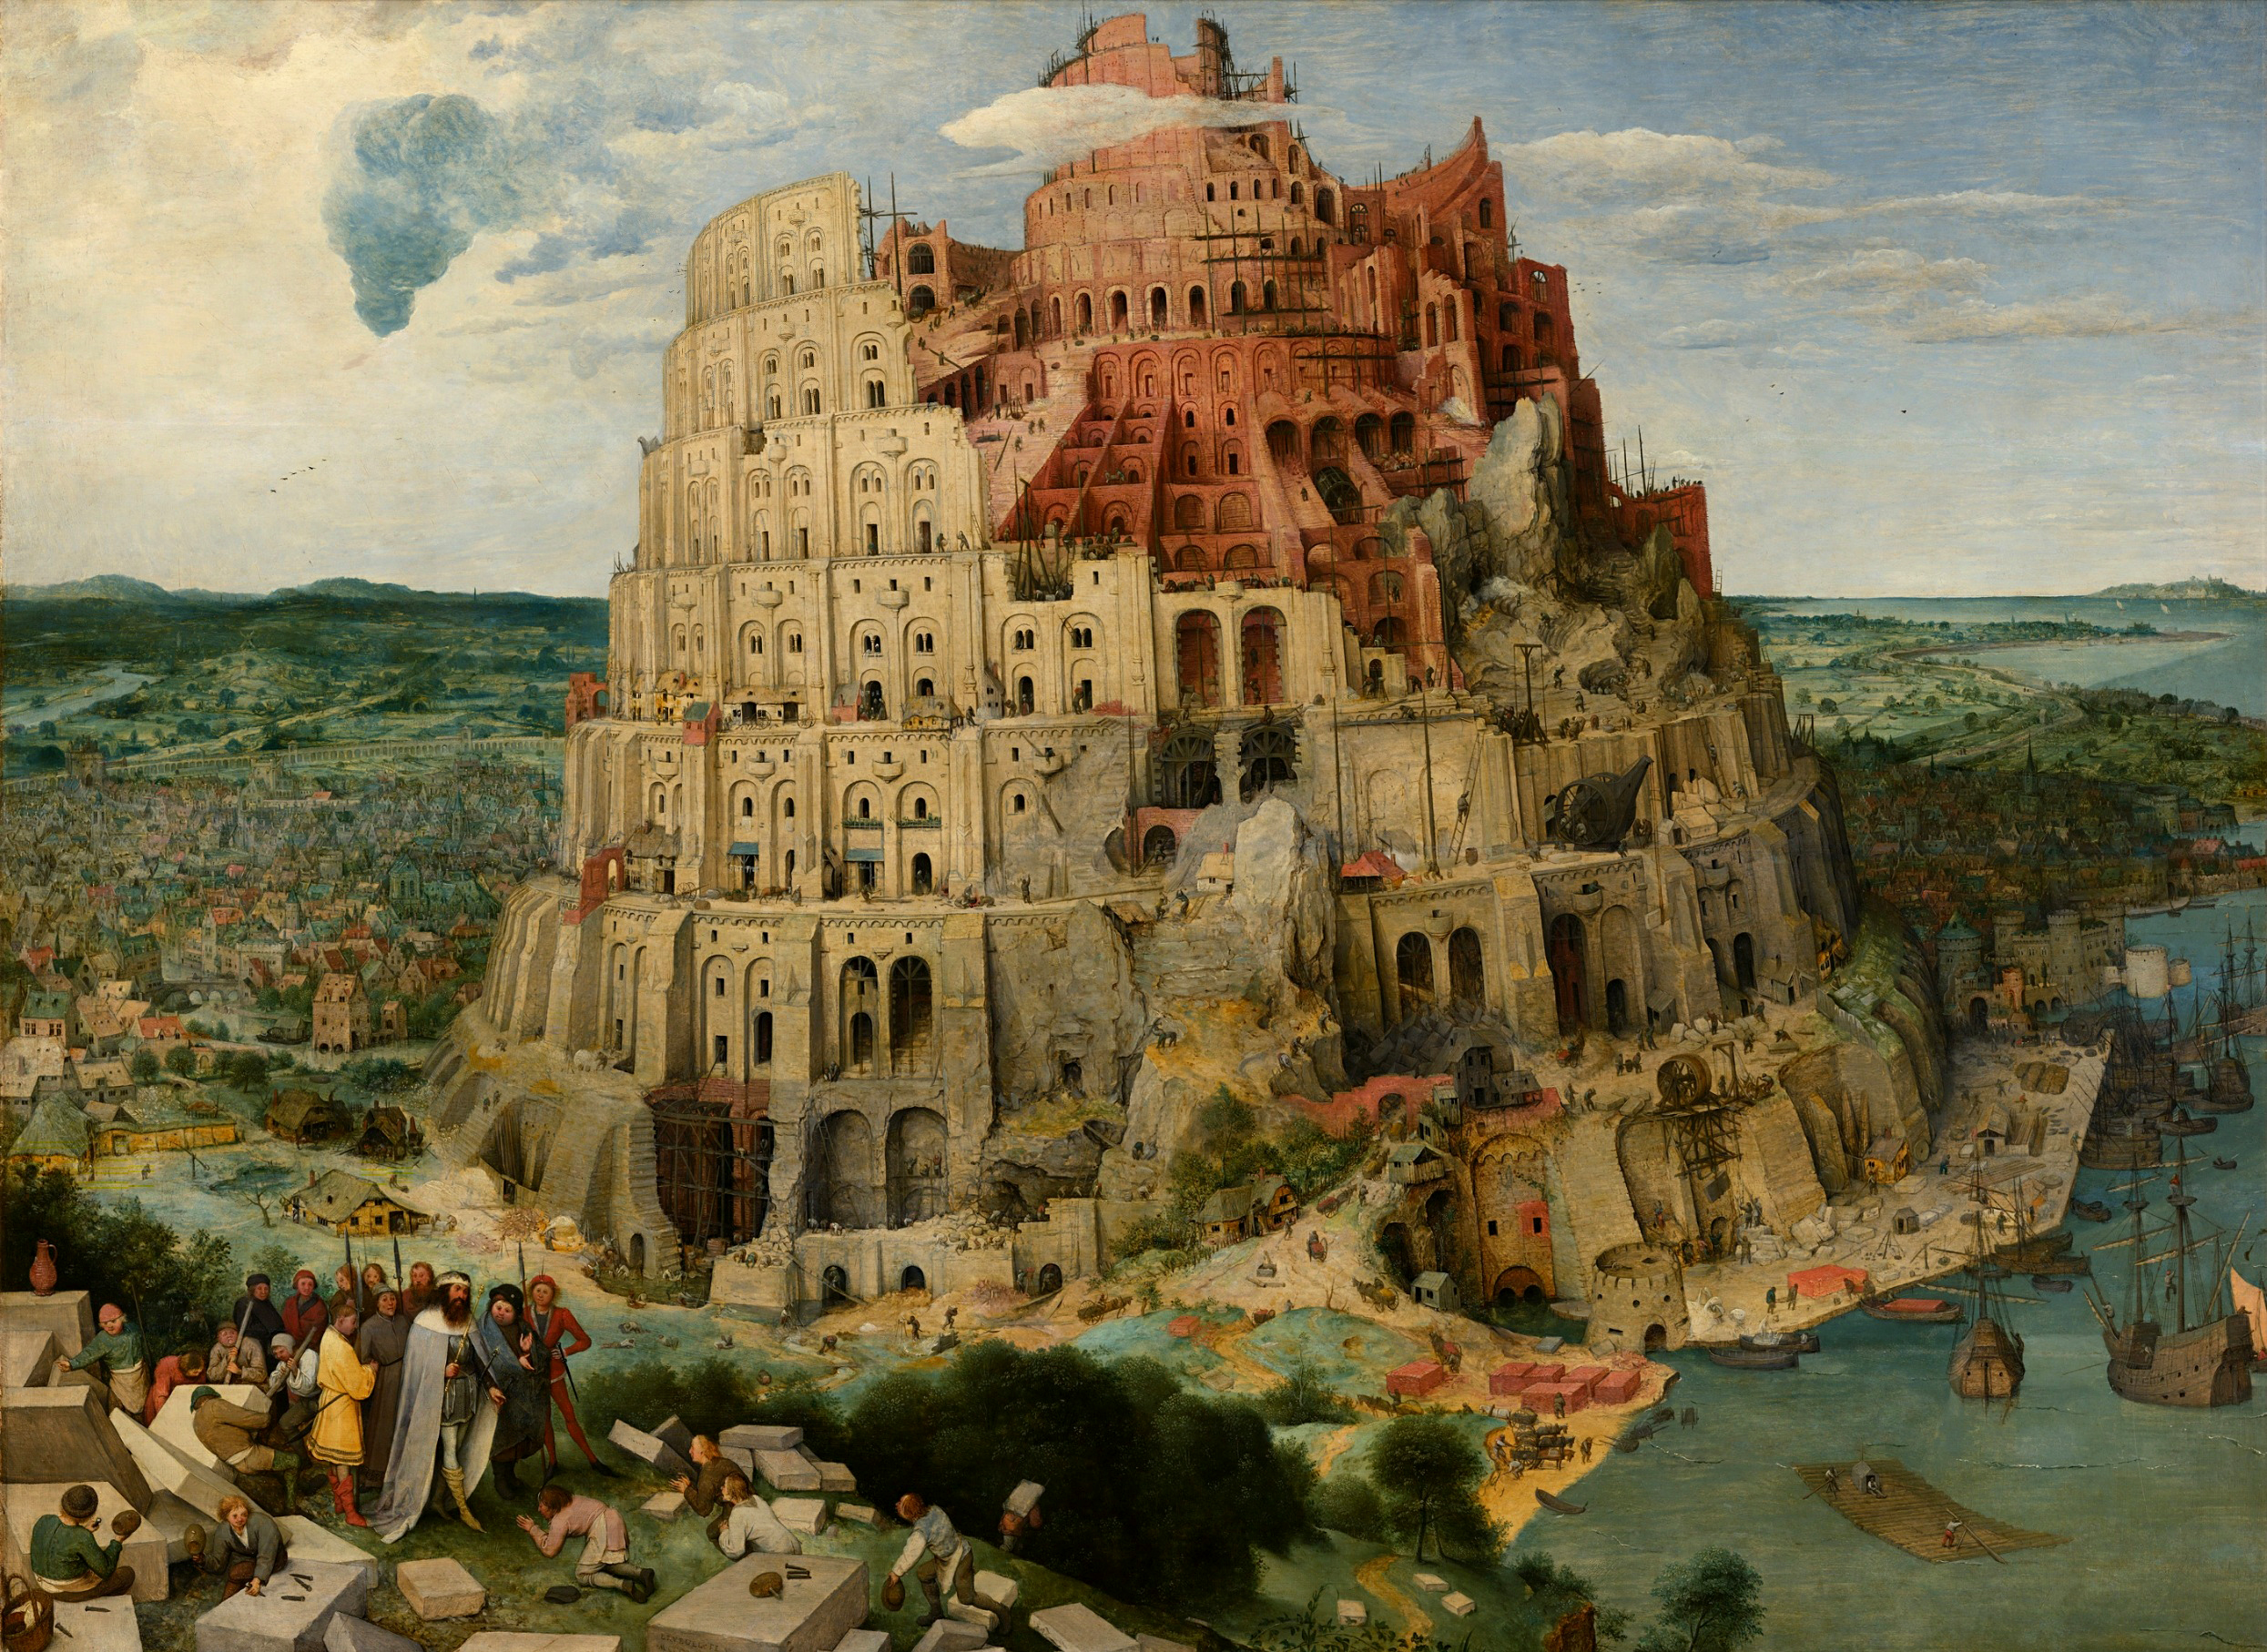 ФОТО 1 Вавилонская башня Питер Бреигель-старшии 1563.jpg